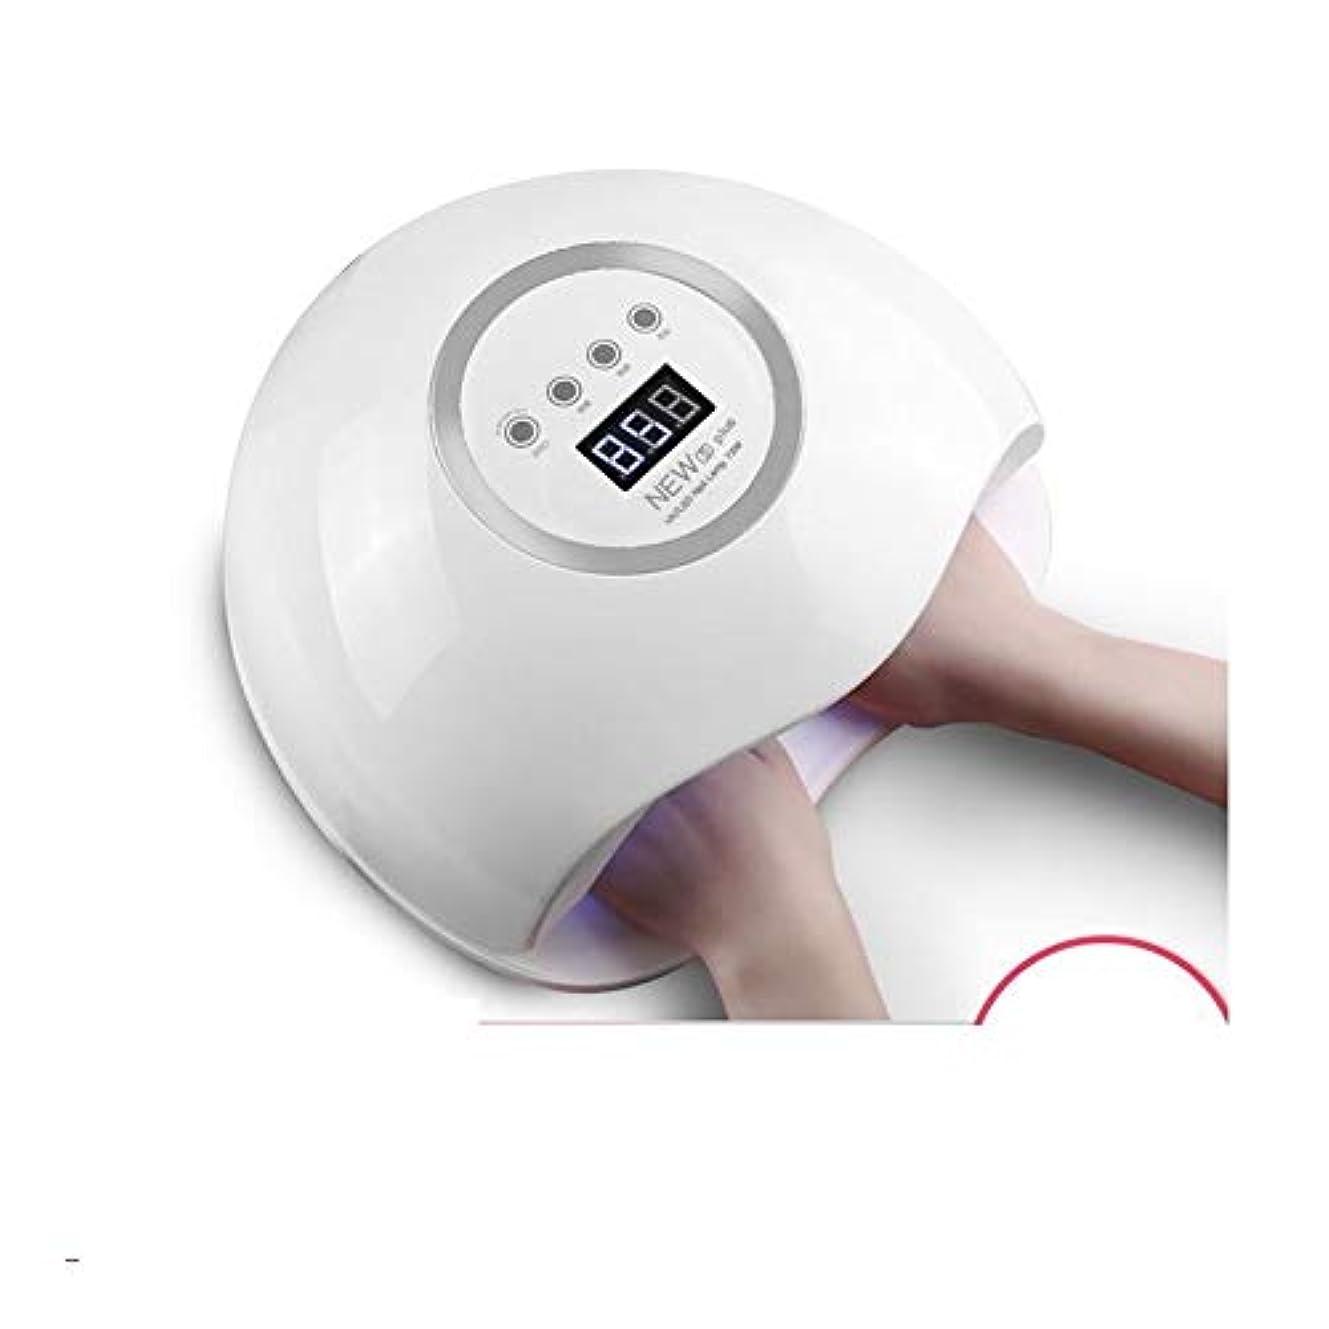 そのしたがって論理LittleCat 速乾性ネイルUVドライヤーの熱ランプLEDネイル無痛インテリジェントセンサー太陽灯 (色 : European standard circular plug)